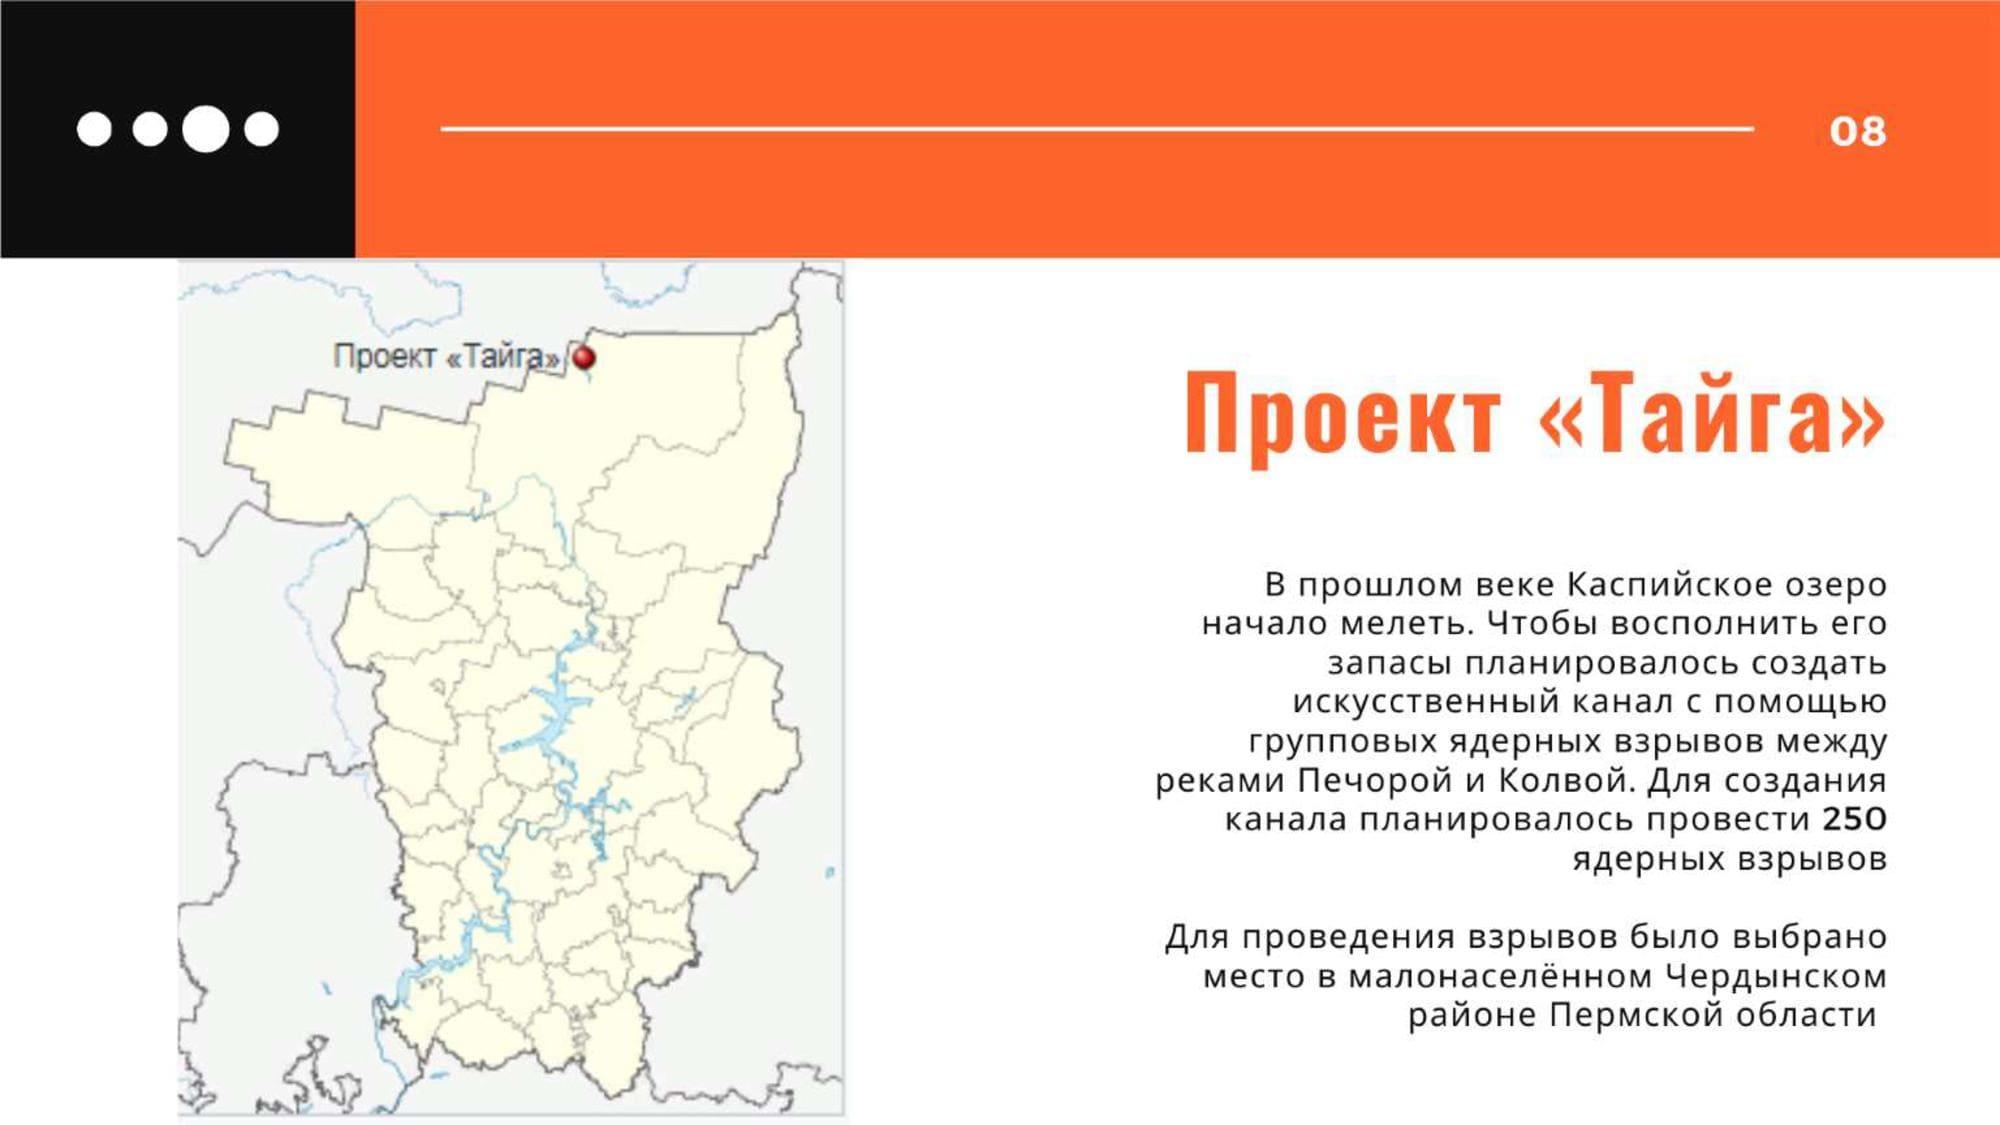 """Проект """"Тайга"""" между реками Печорой и Колвой"""